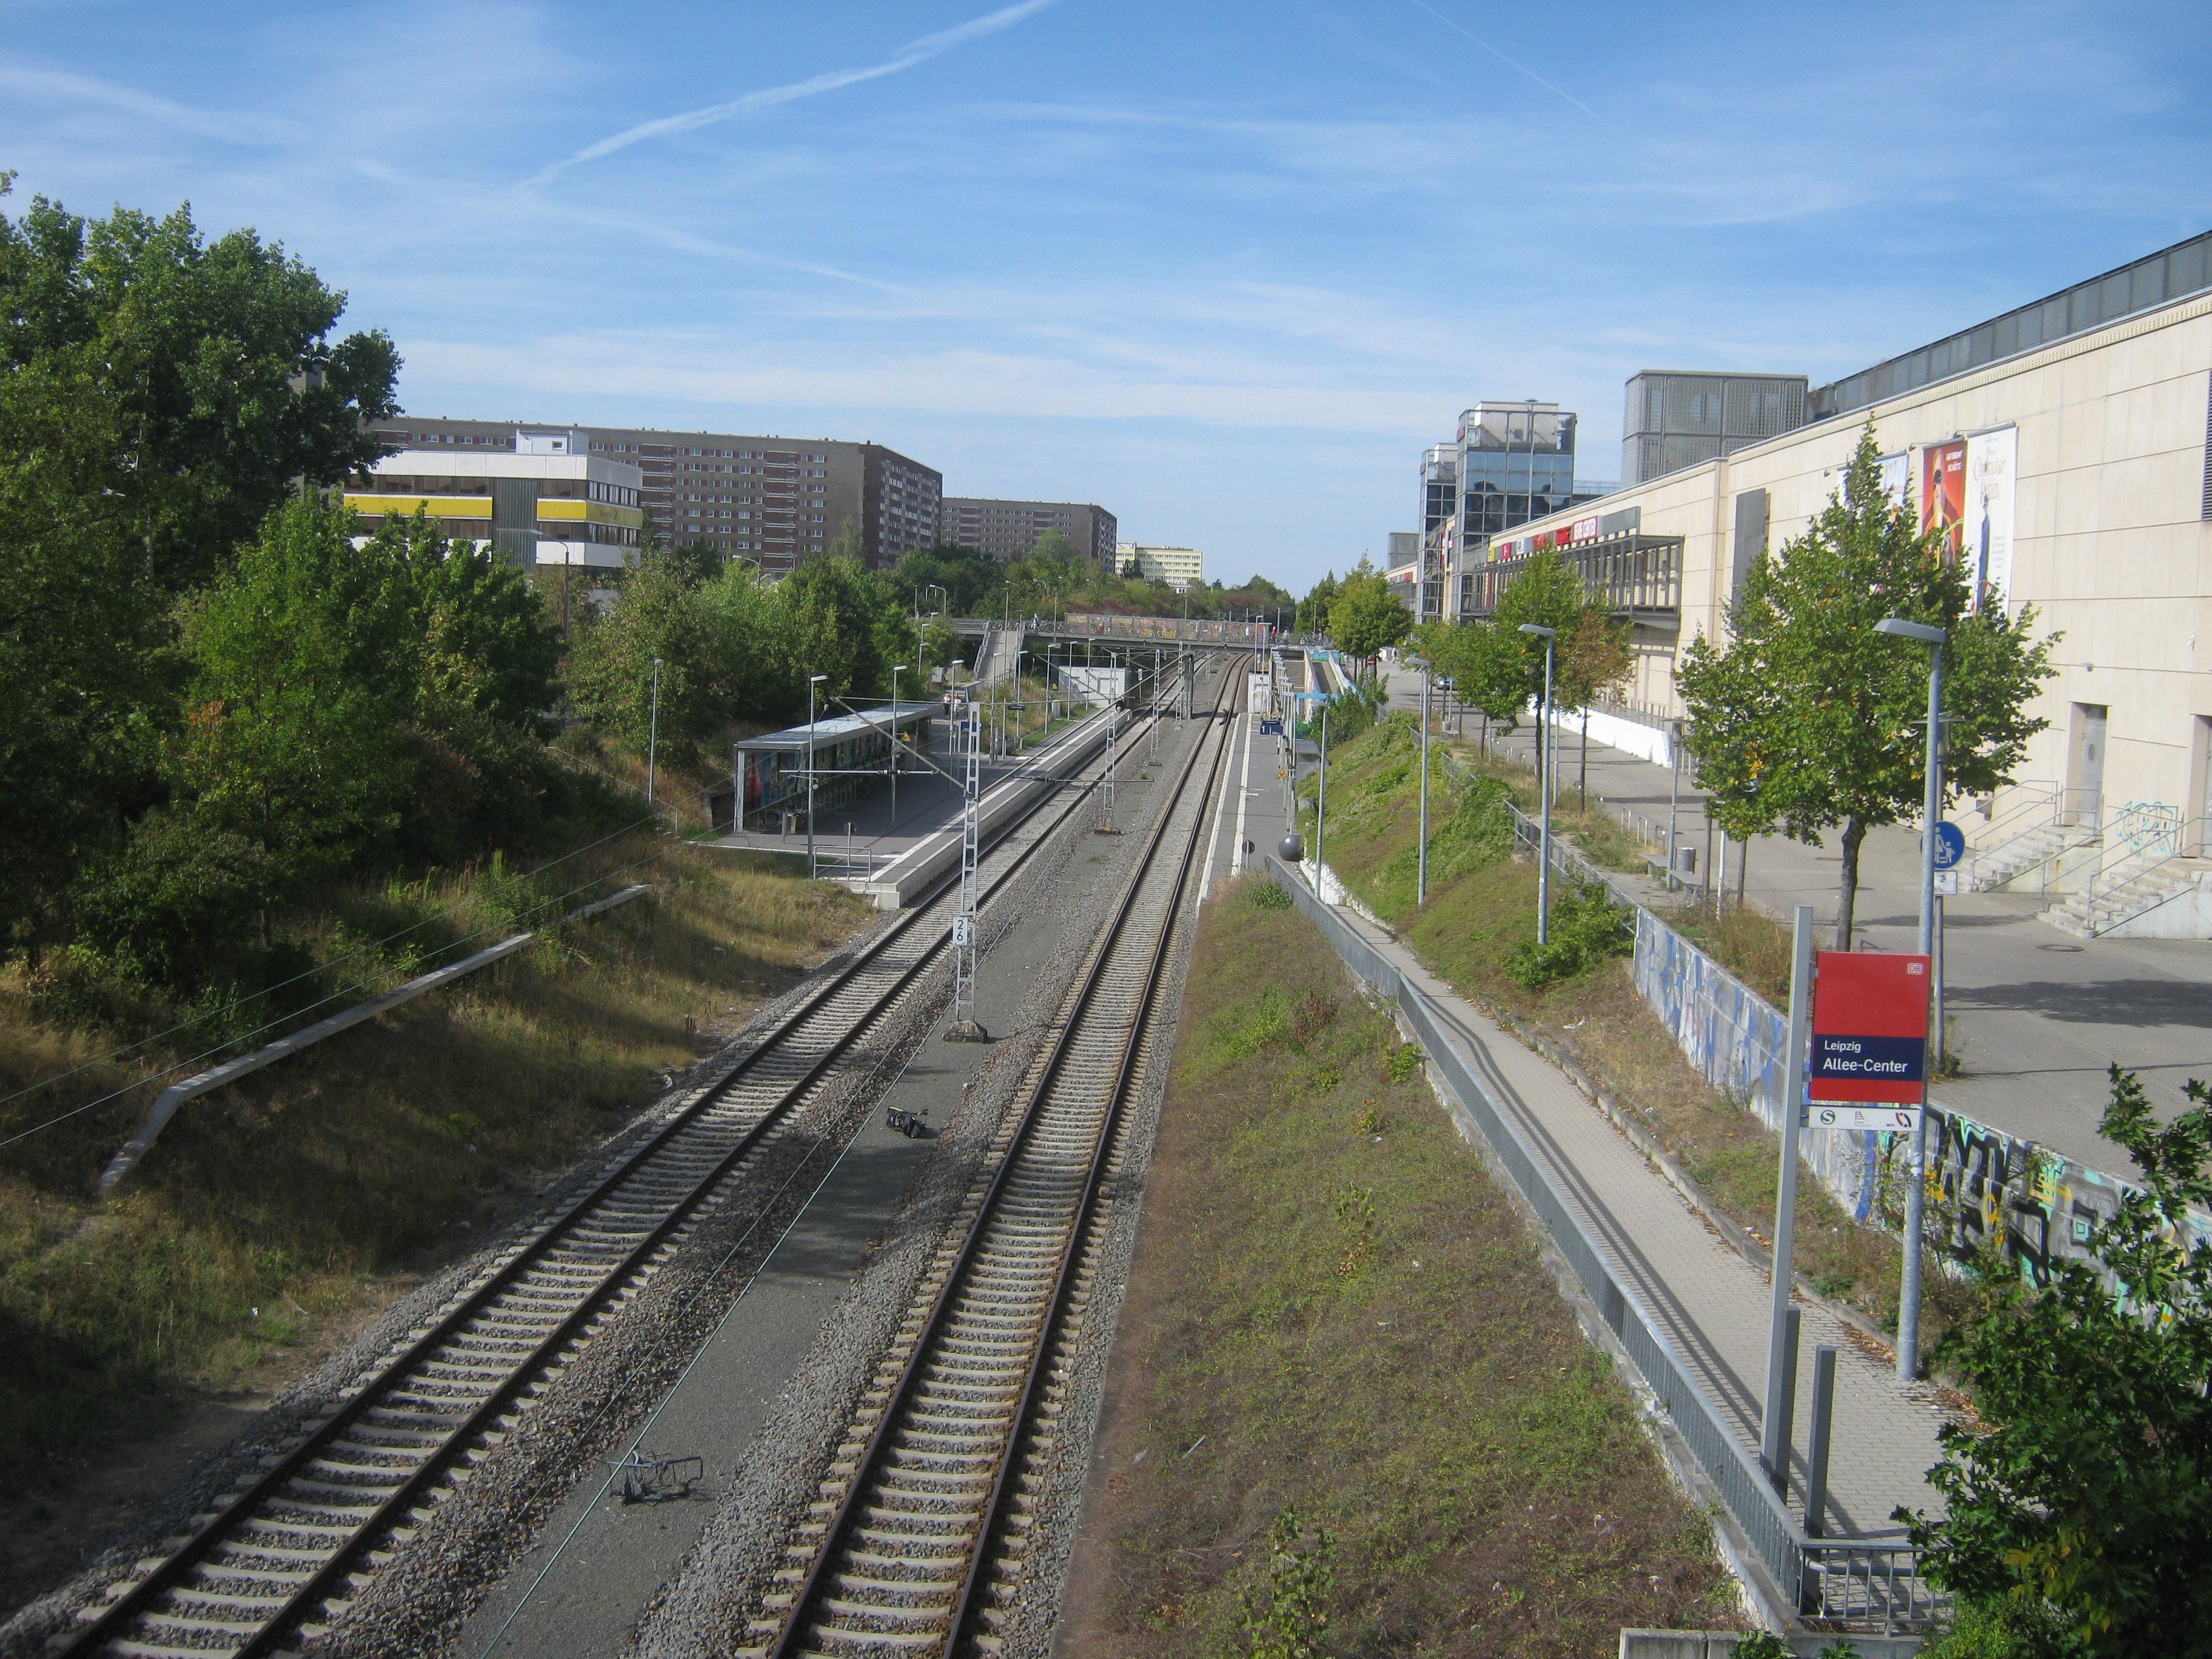 File:MKBler 12 Haltepunkt Leipzig Allee Center.jpg